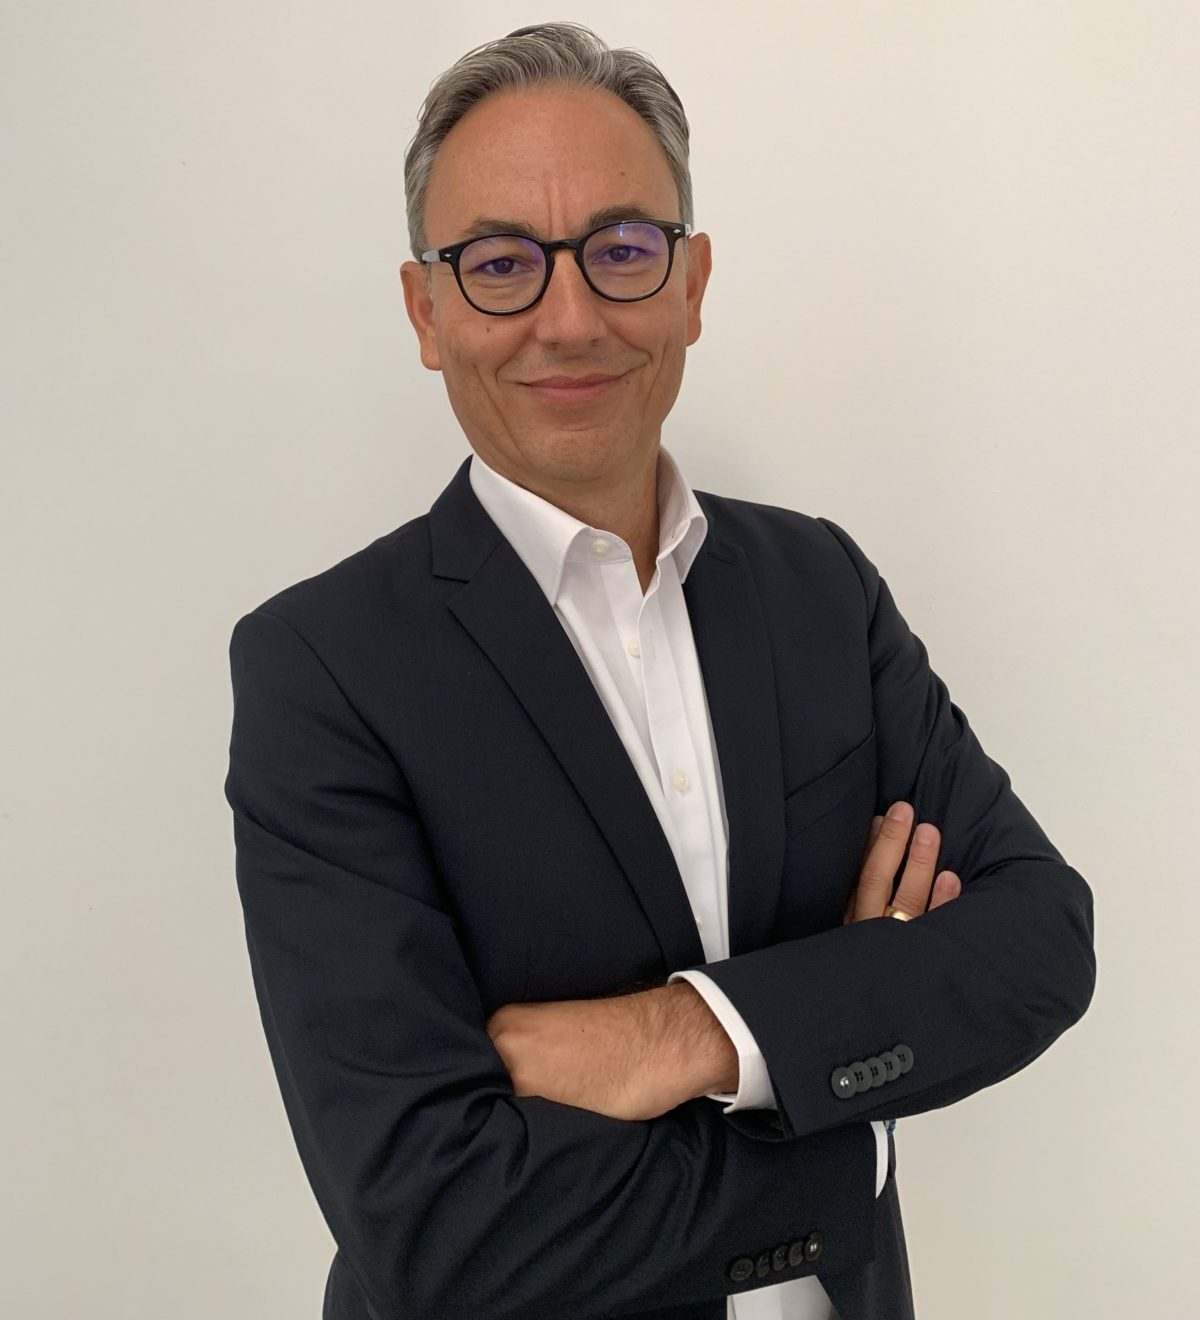 OPTIMA: FRANCESCO FATTORI APPOINTED AS NEW CEO